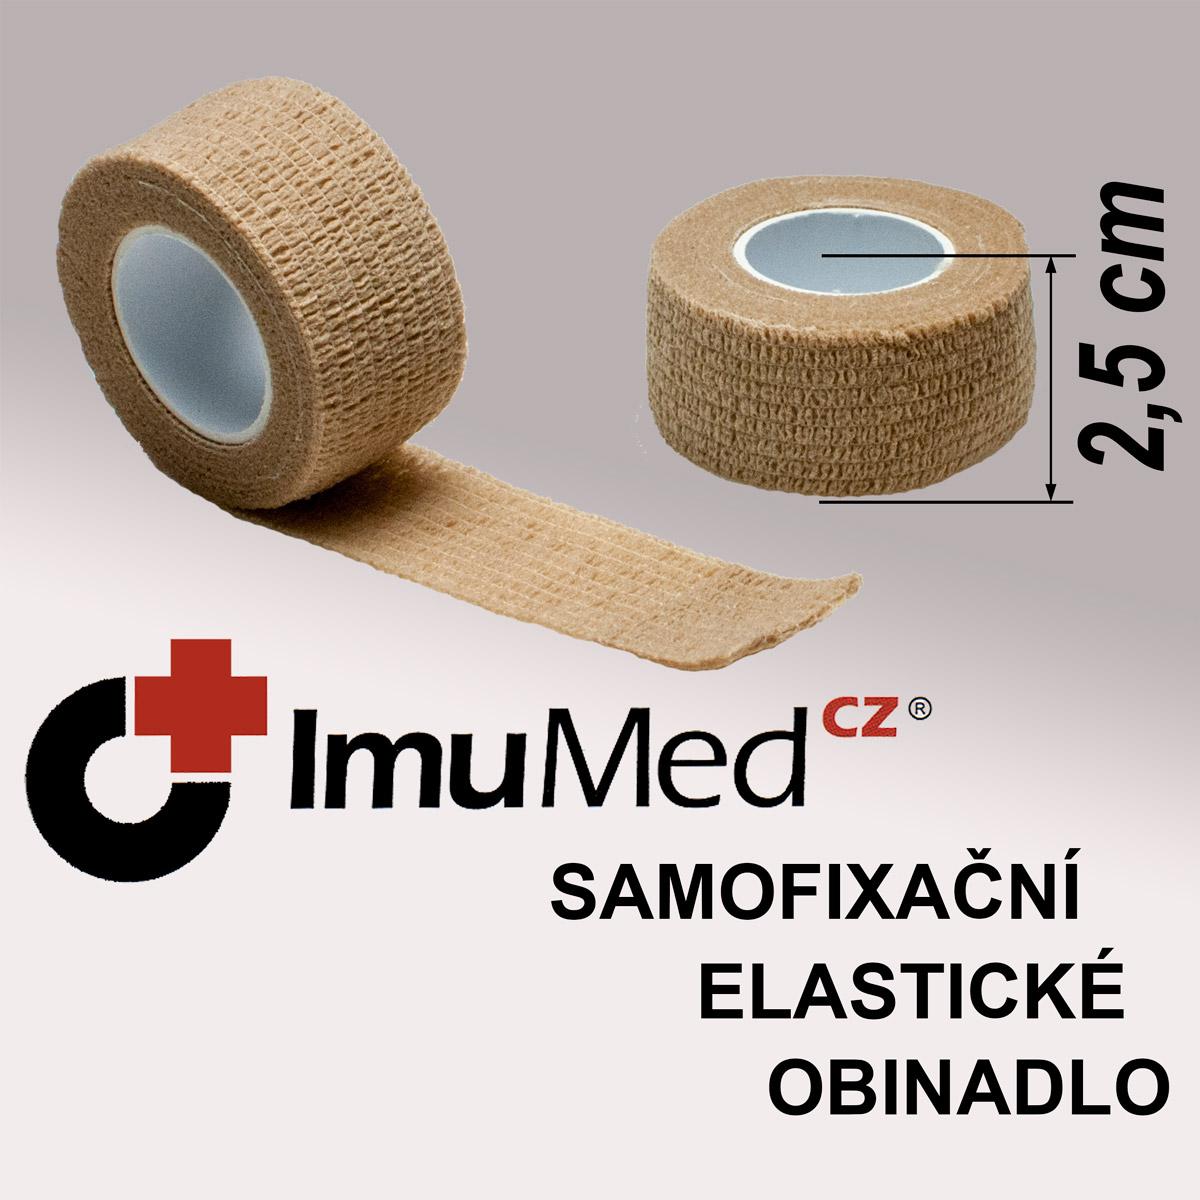 ImuMedCZ samofixační elastické obinadlo 2,5 cm x 4,5 m TĚLOVÁ barva ImuMedCZ samodržící elastické obinadlo 2,5 cm x 4,5 m TĚLOVÁ barva